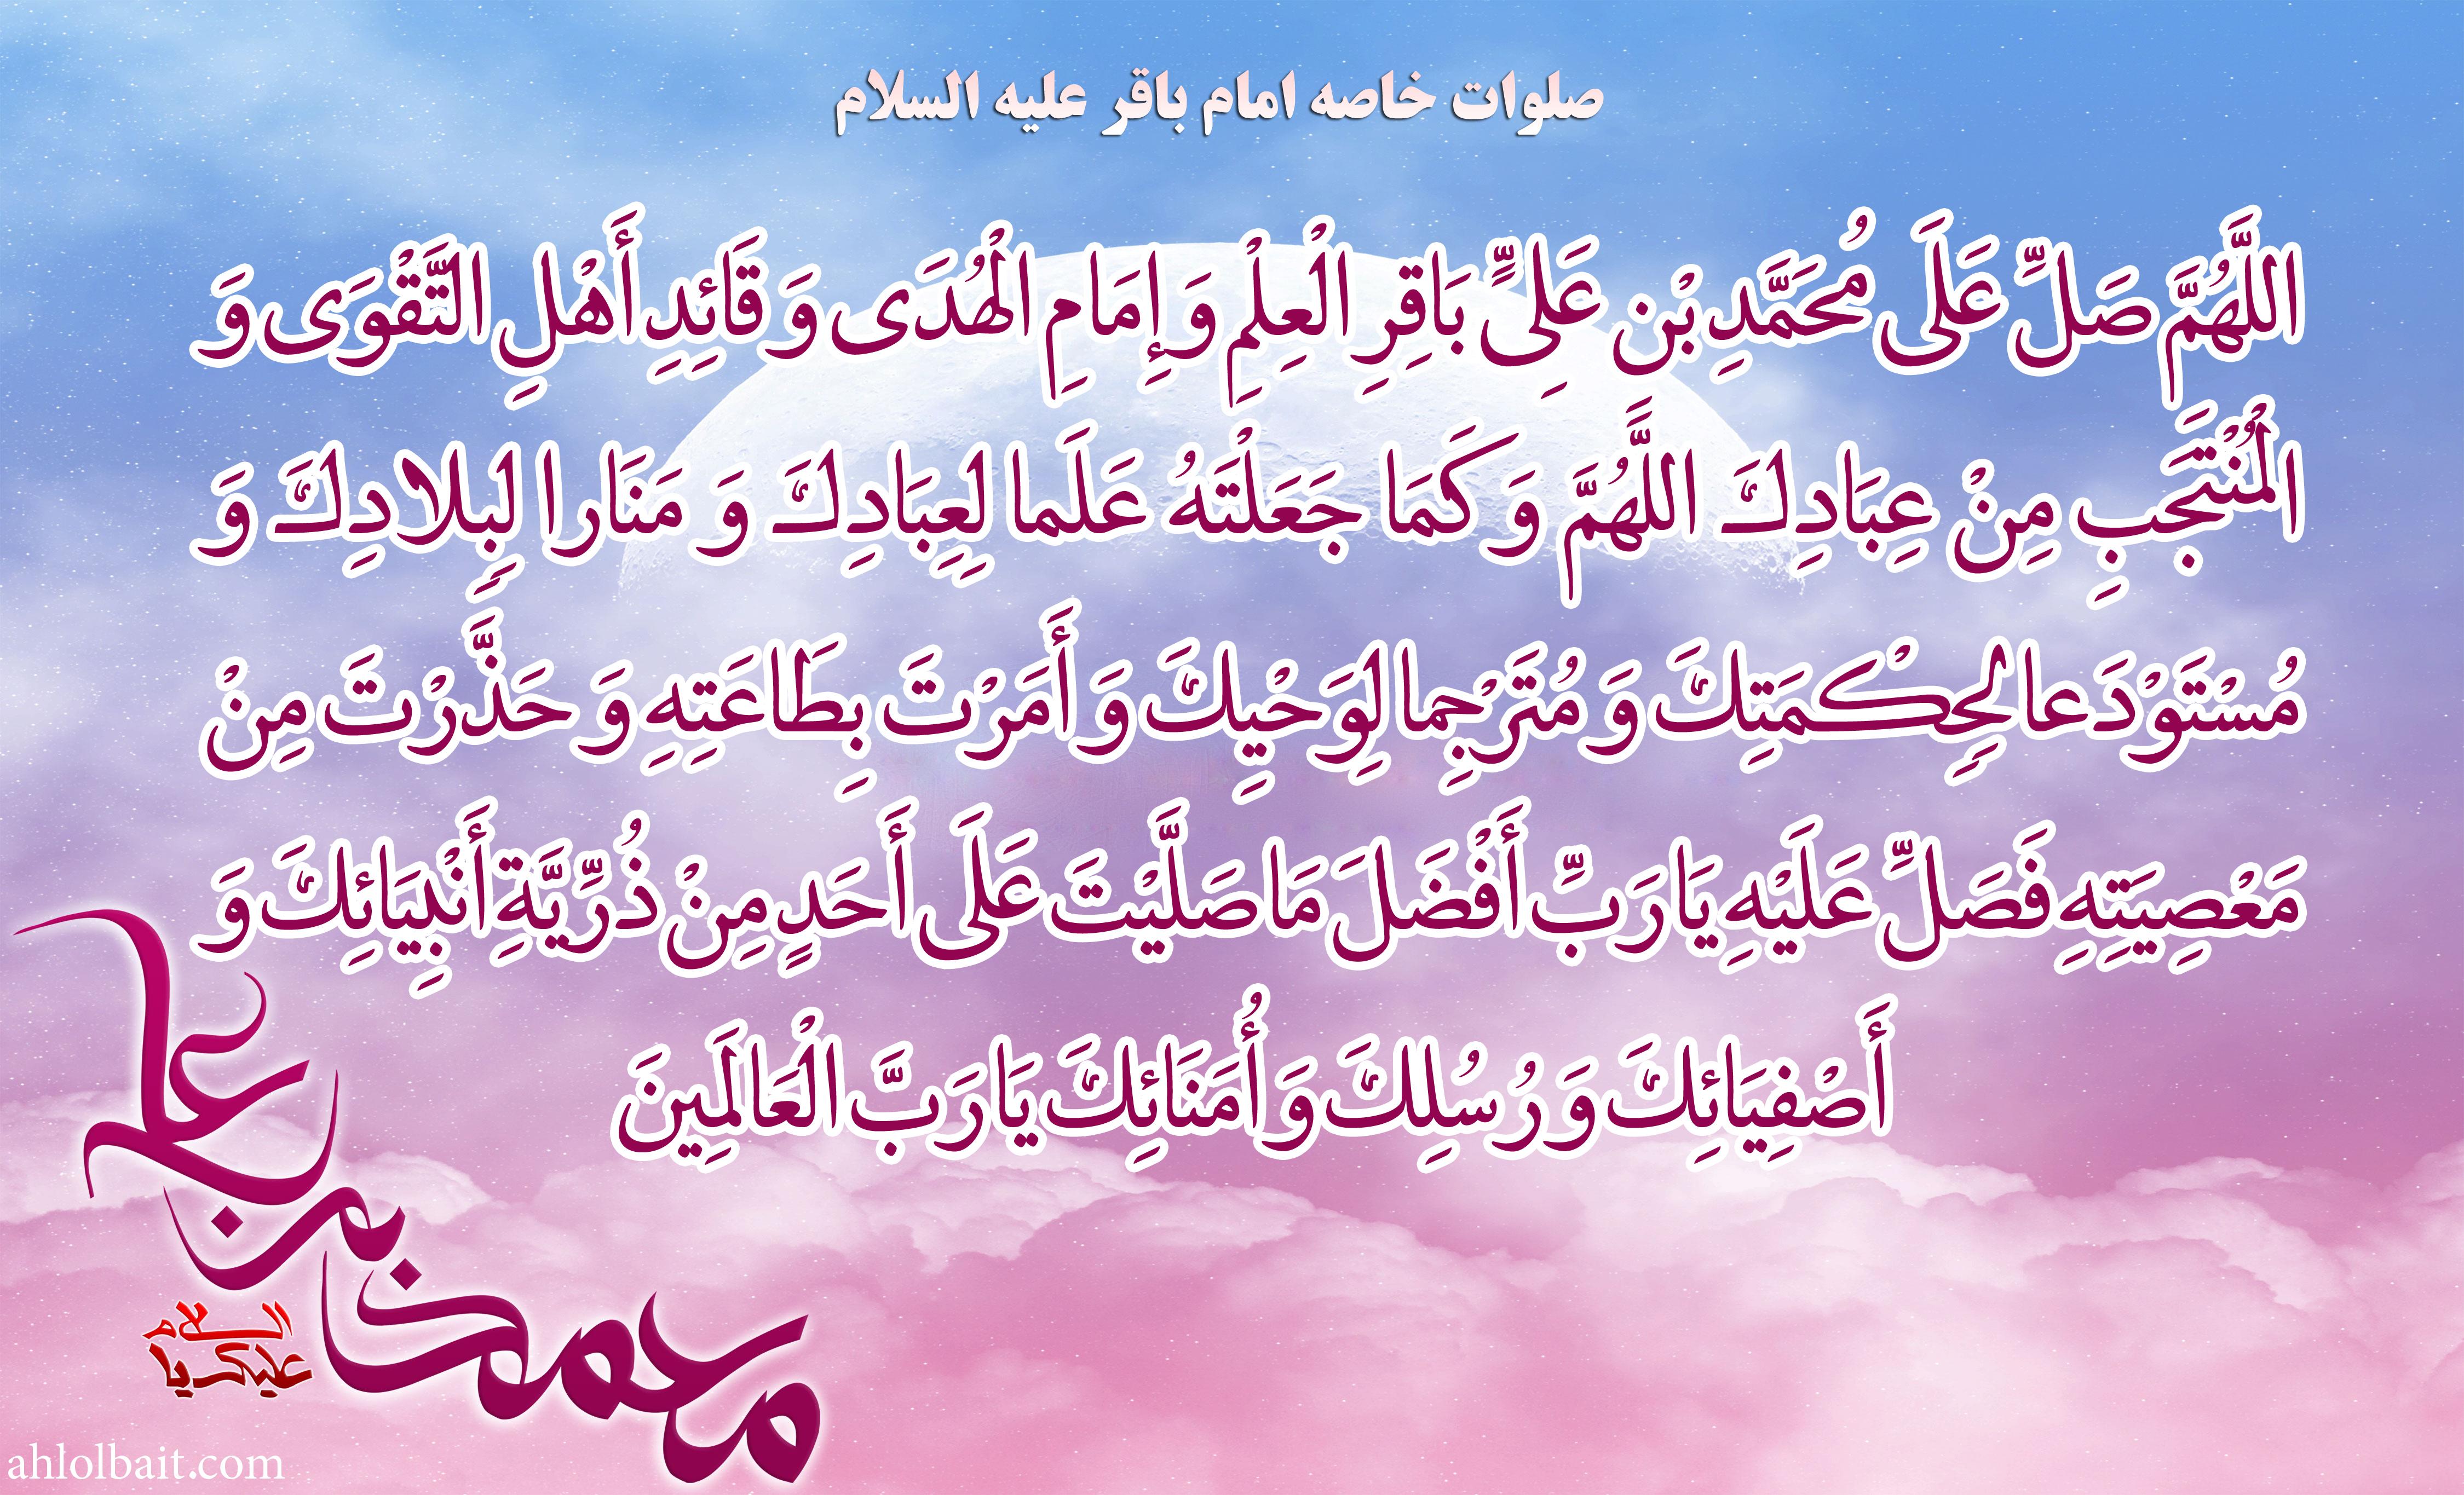 صلوات خاصه امام باقر علیه السلام